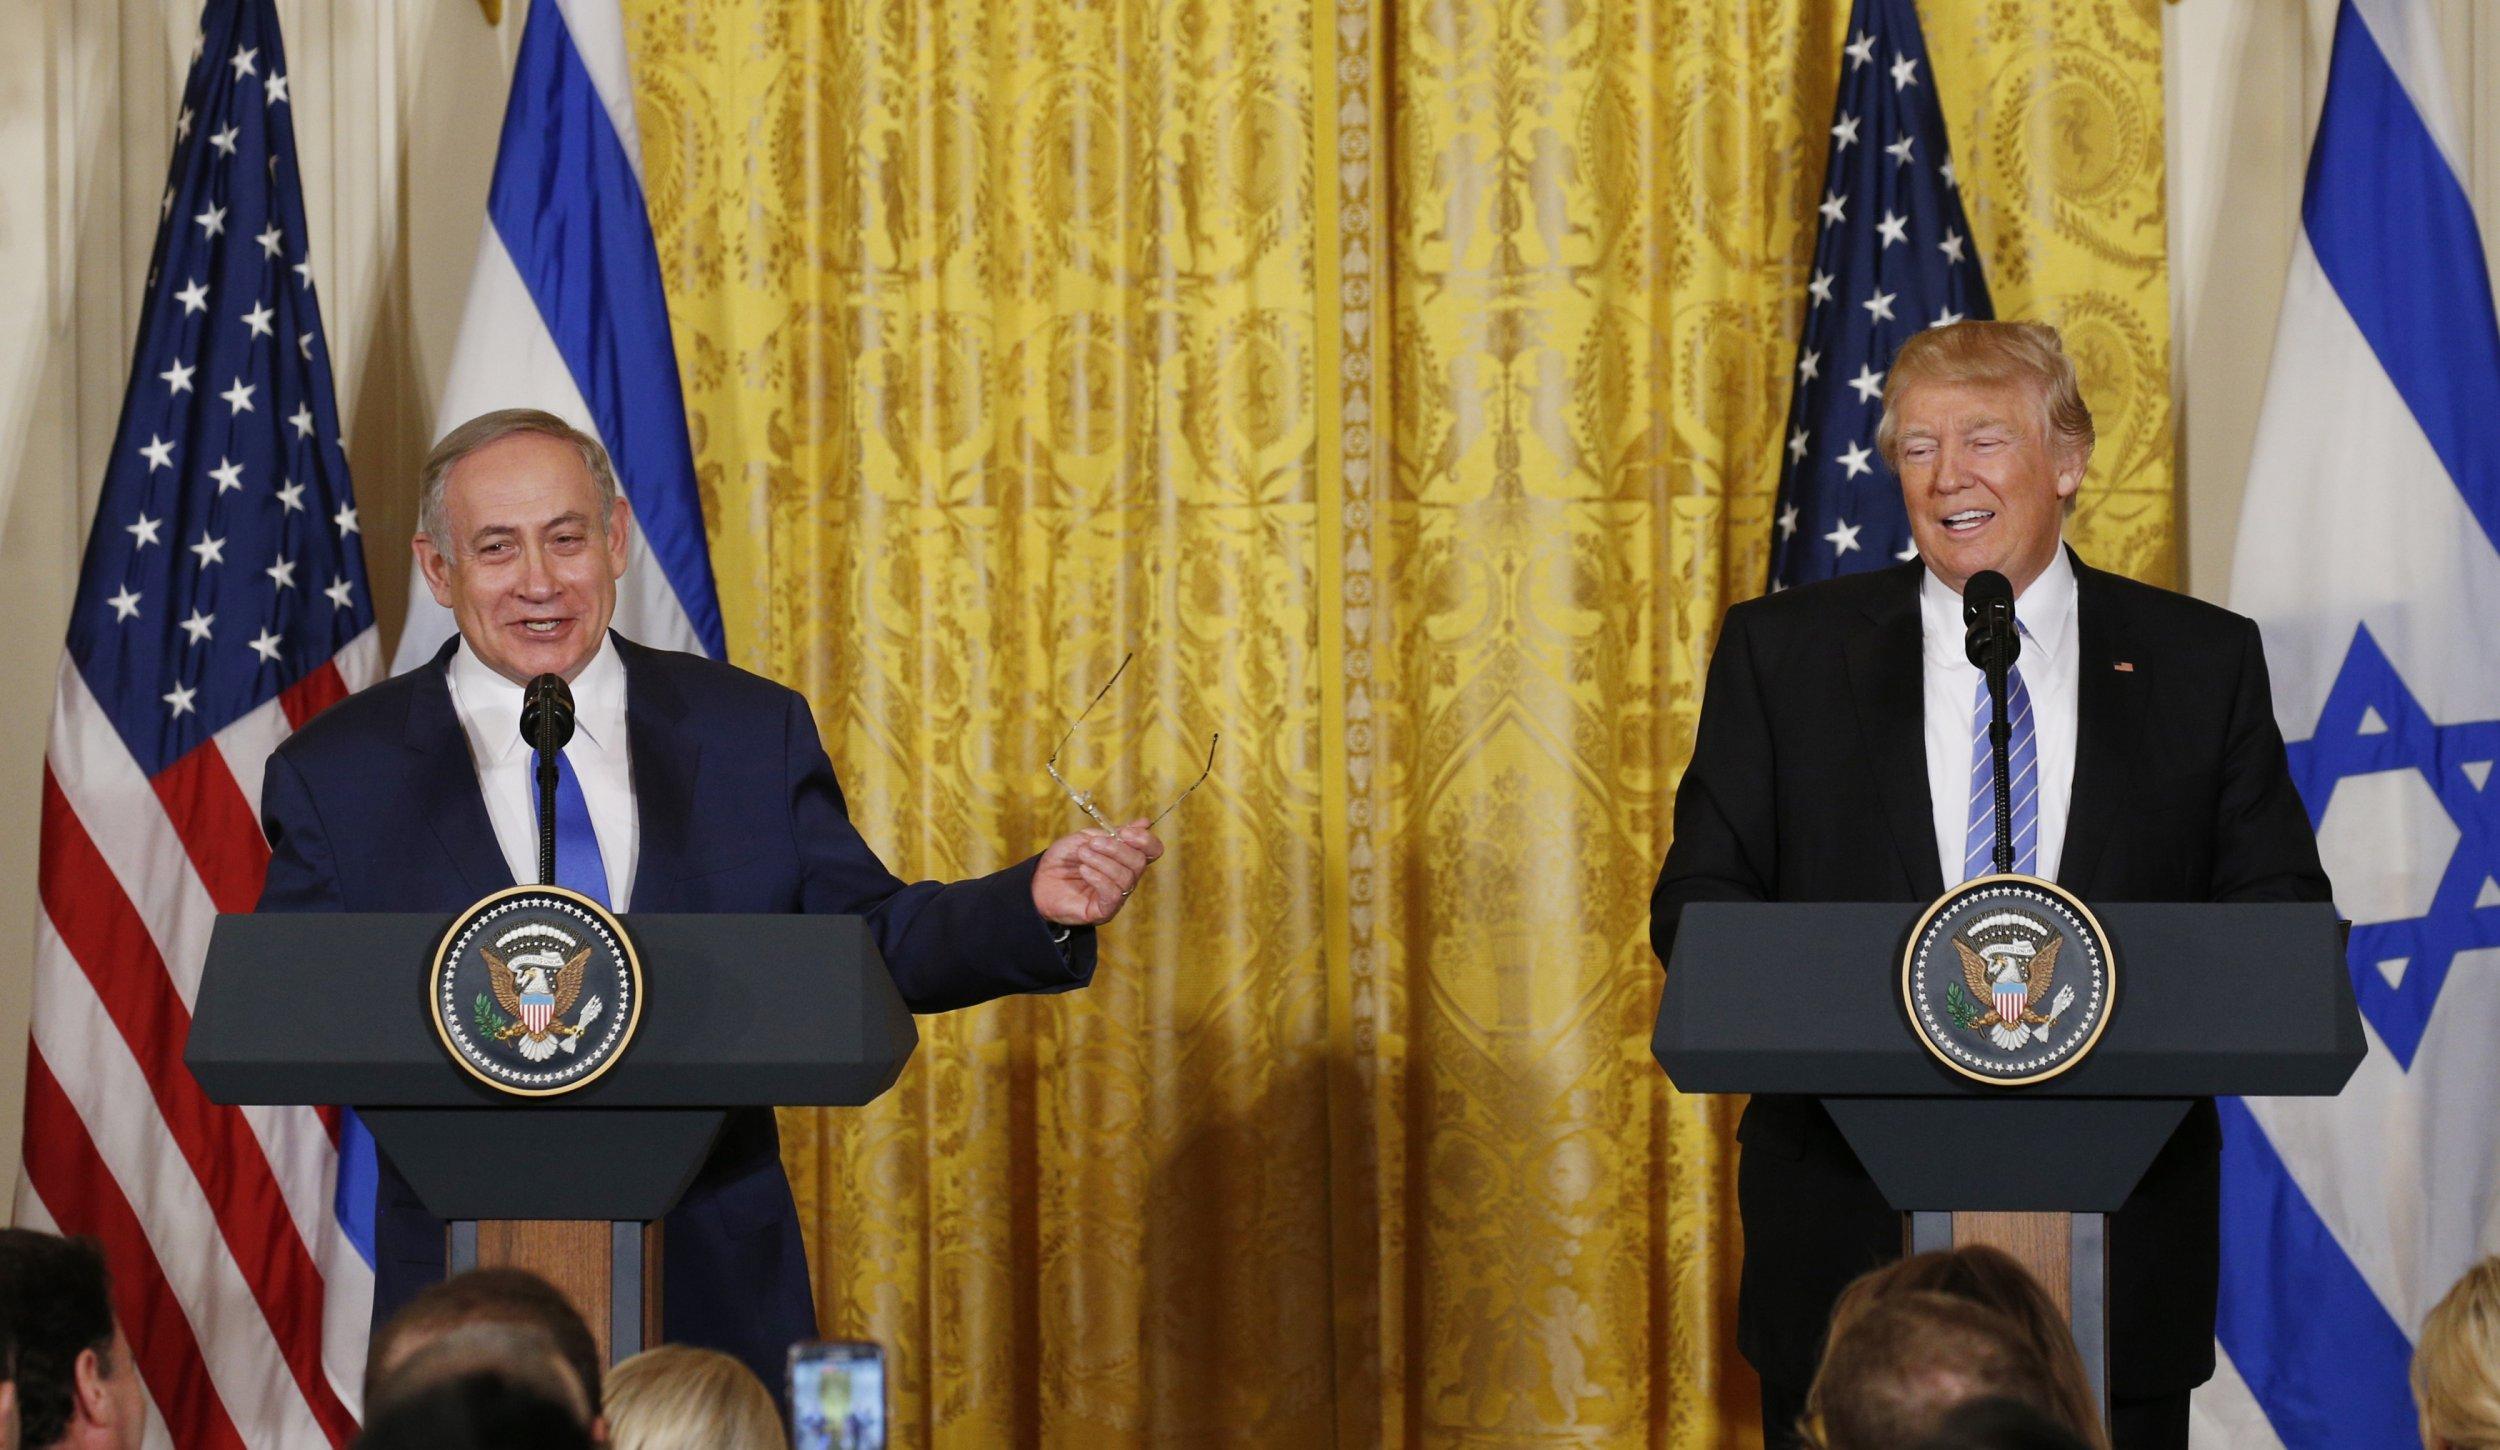 Trump Netanyahu 2017